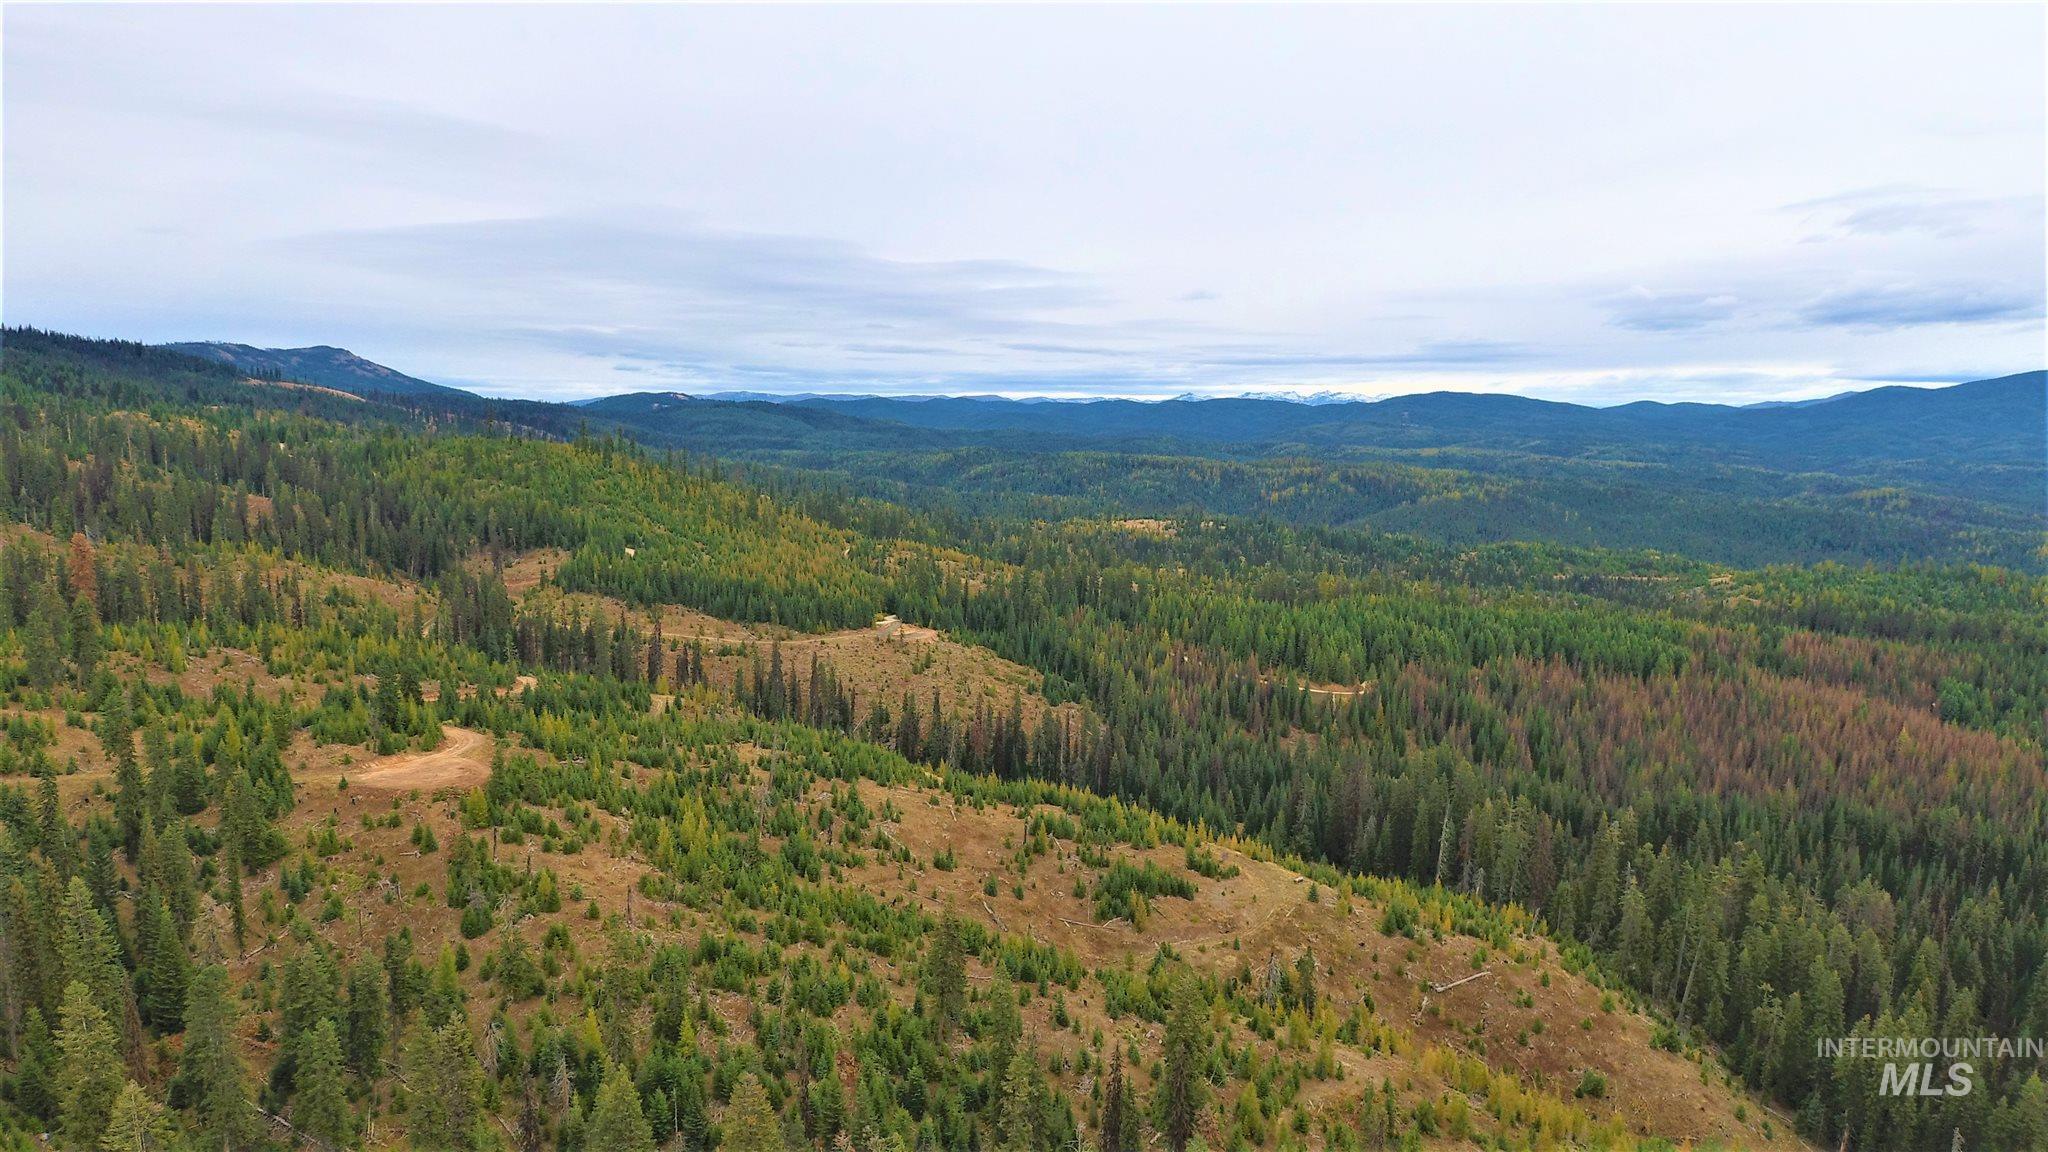 TBD Elk Summit Properties Parcel 4, Elk City, ID 83525